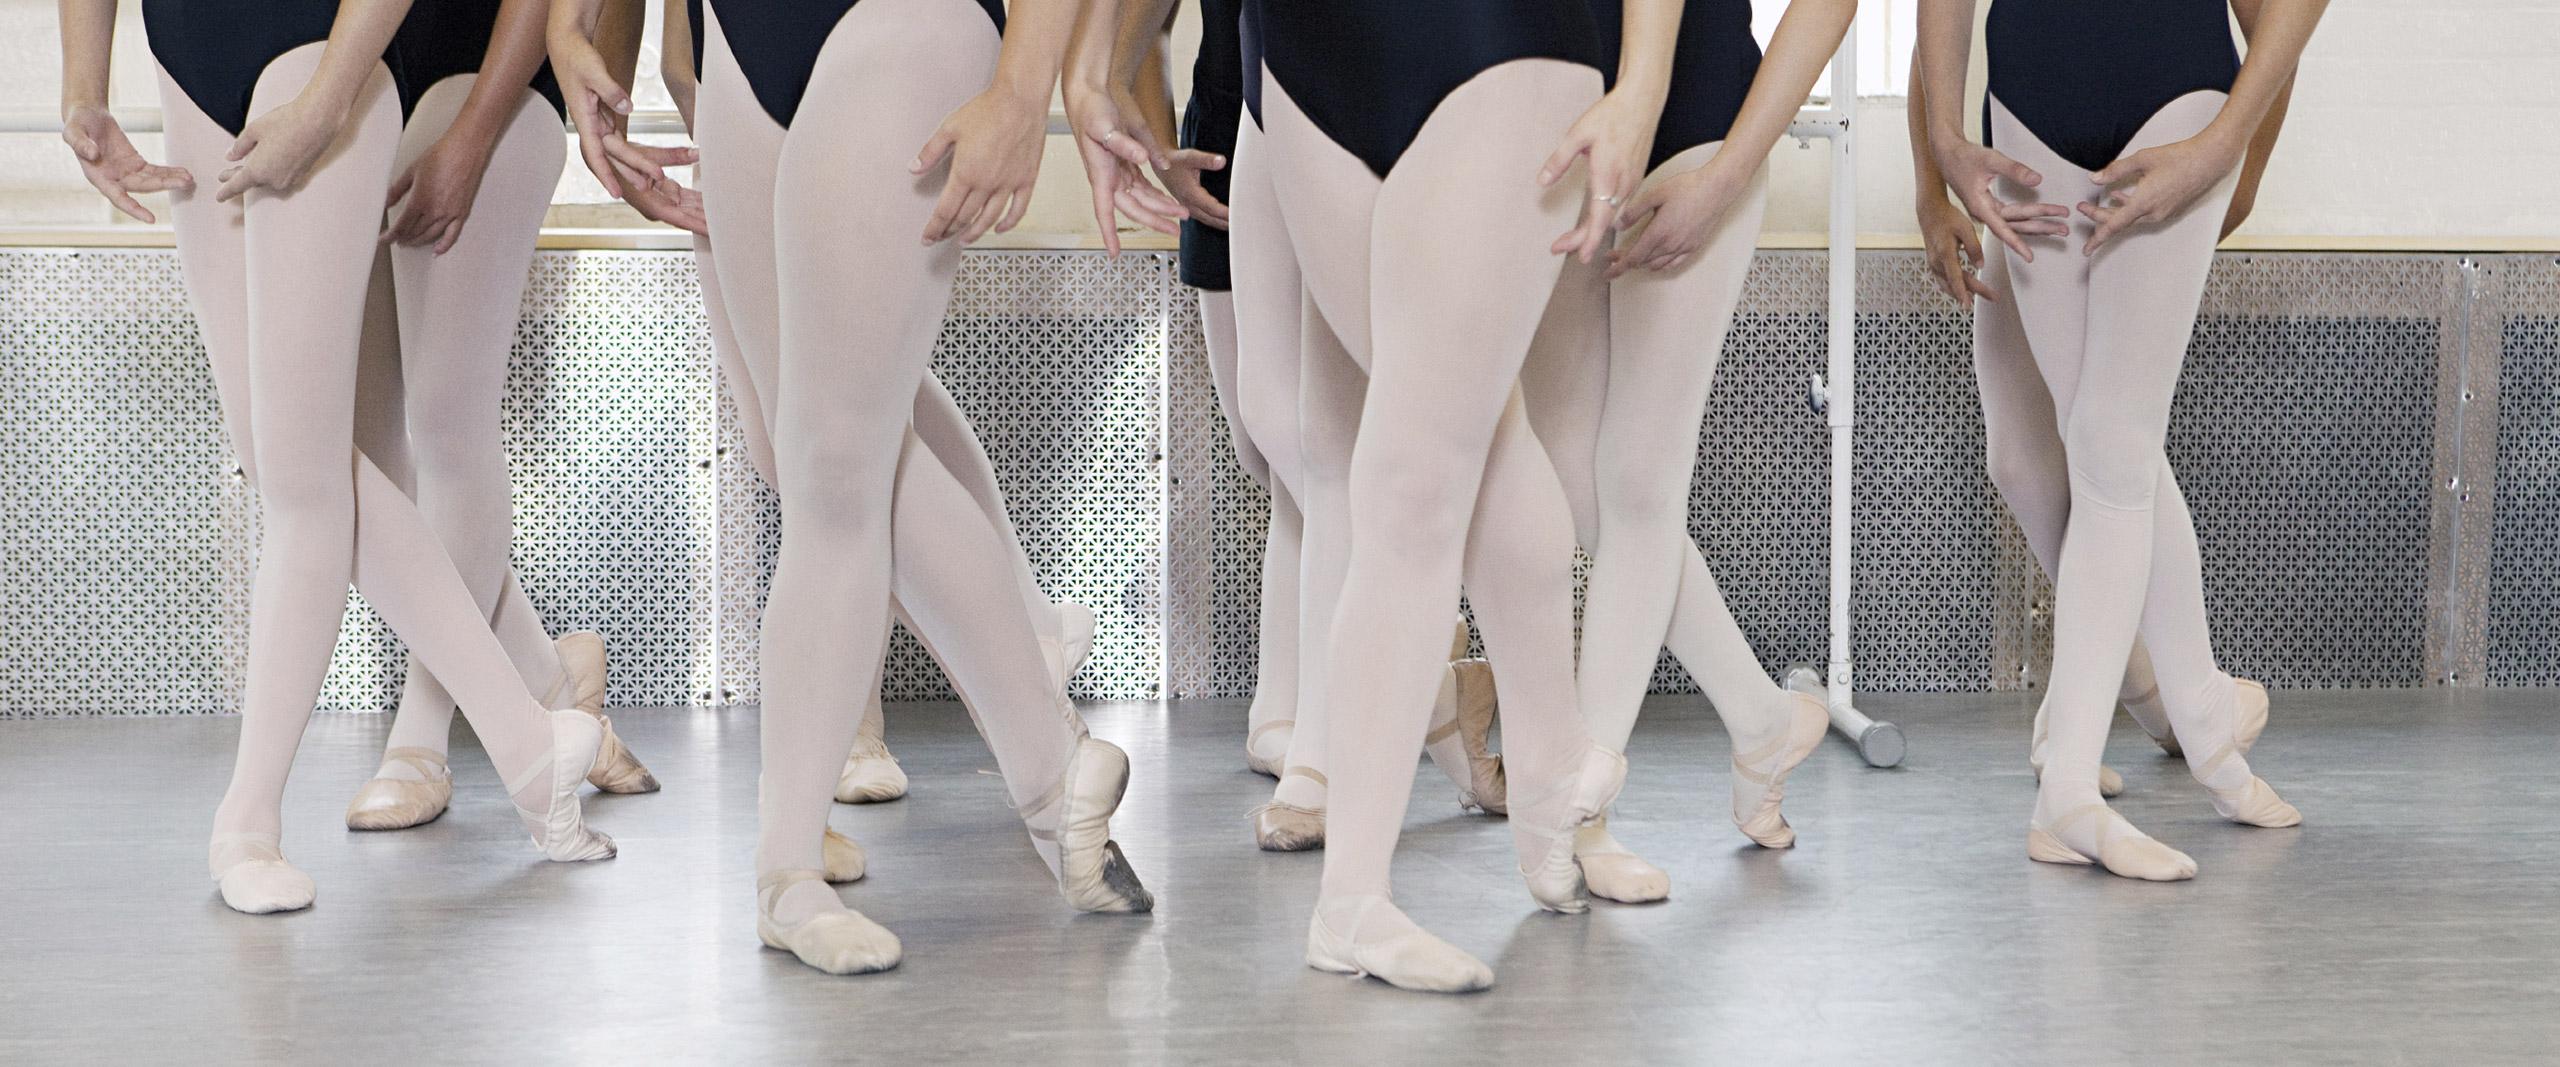 Ballet class of girls